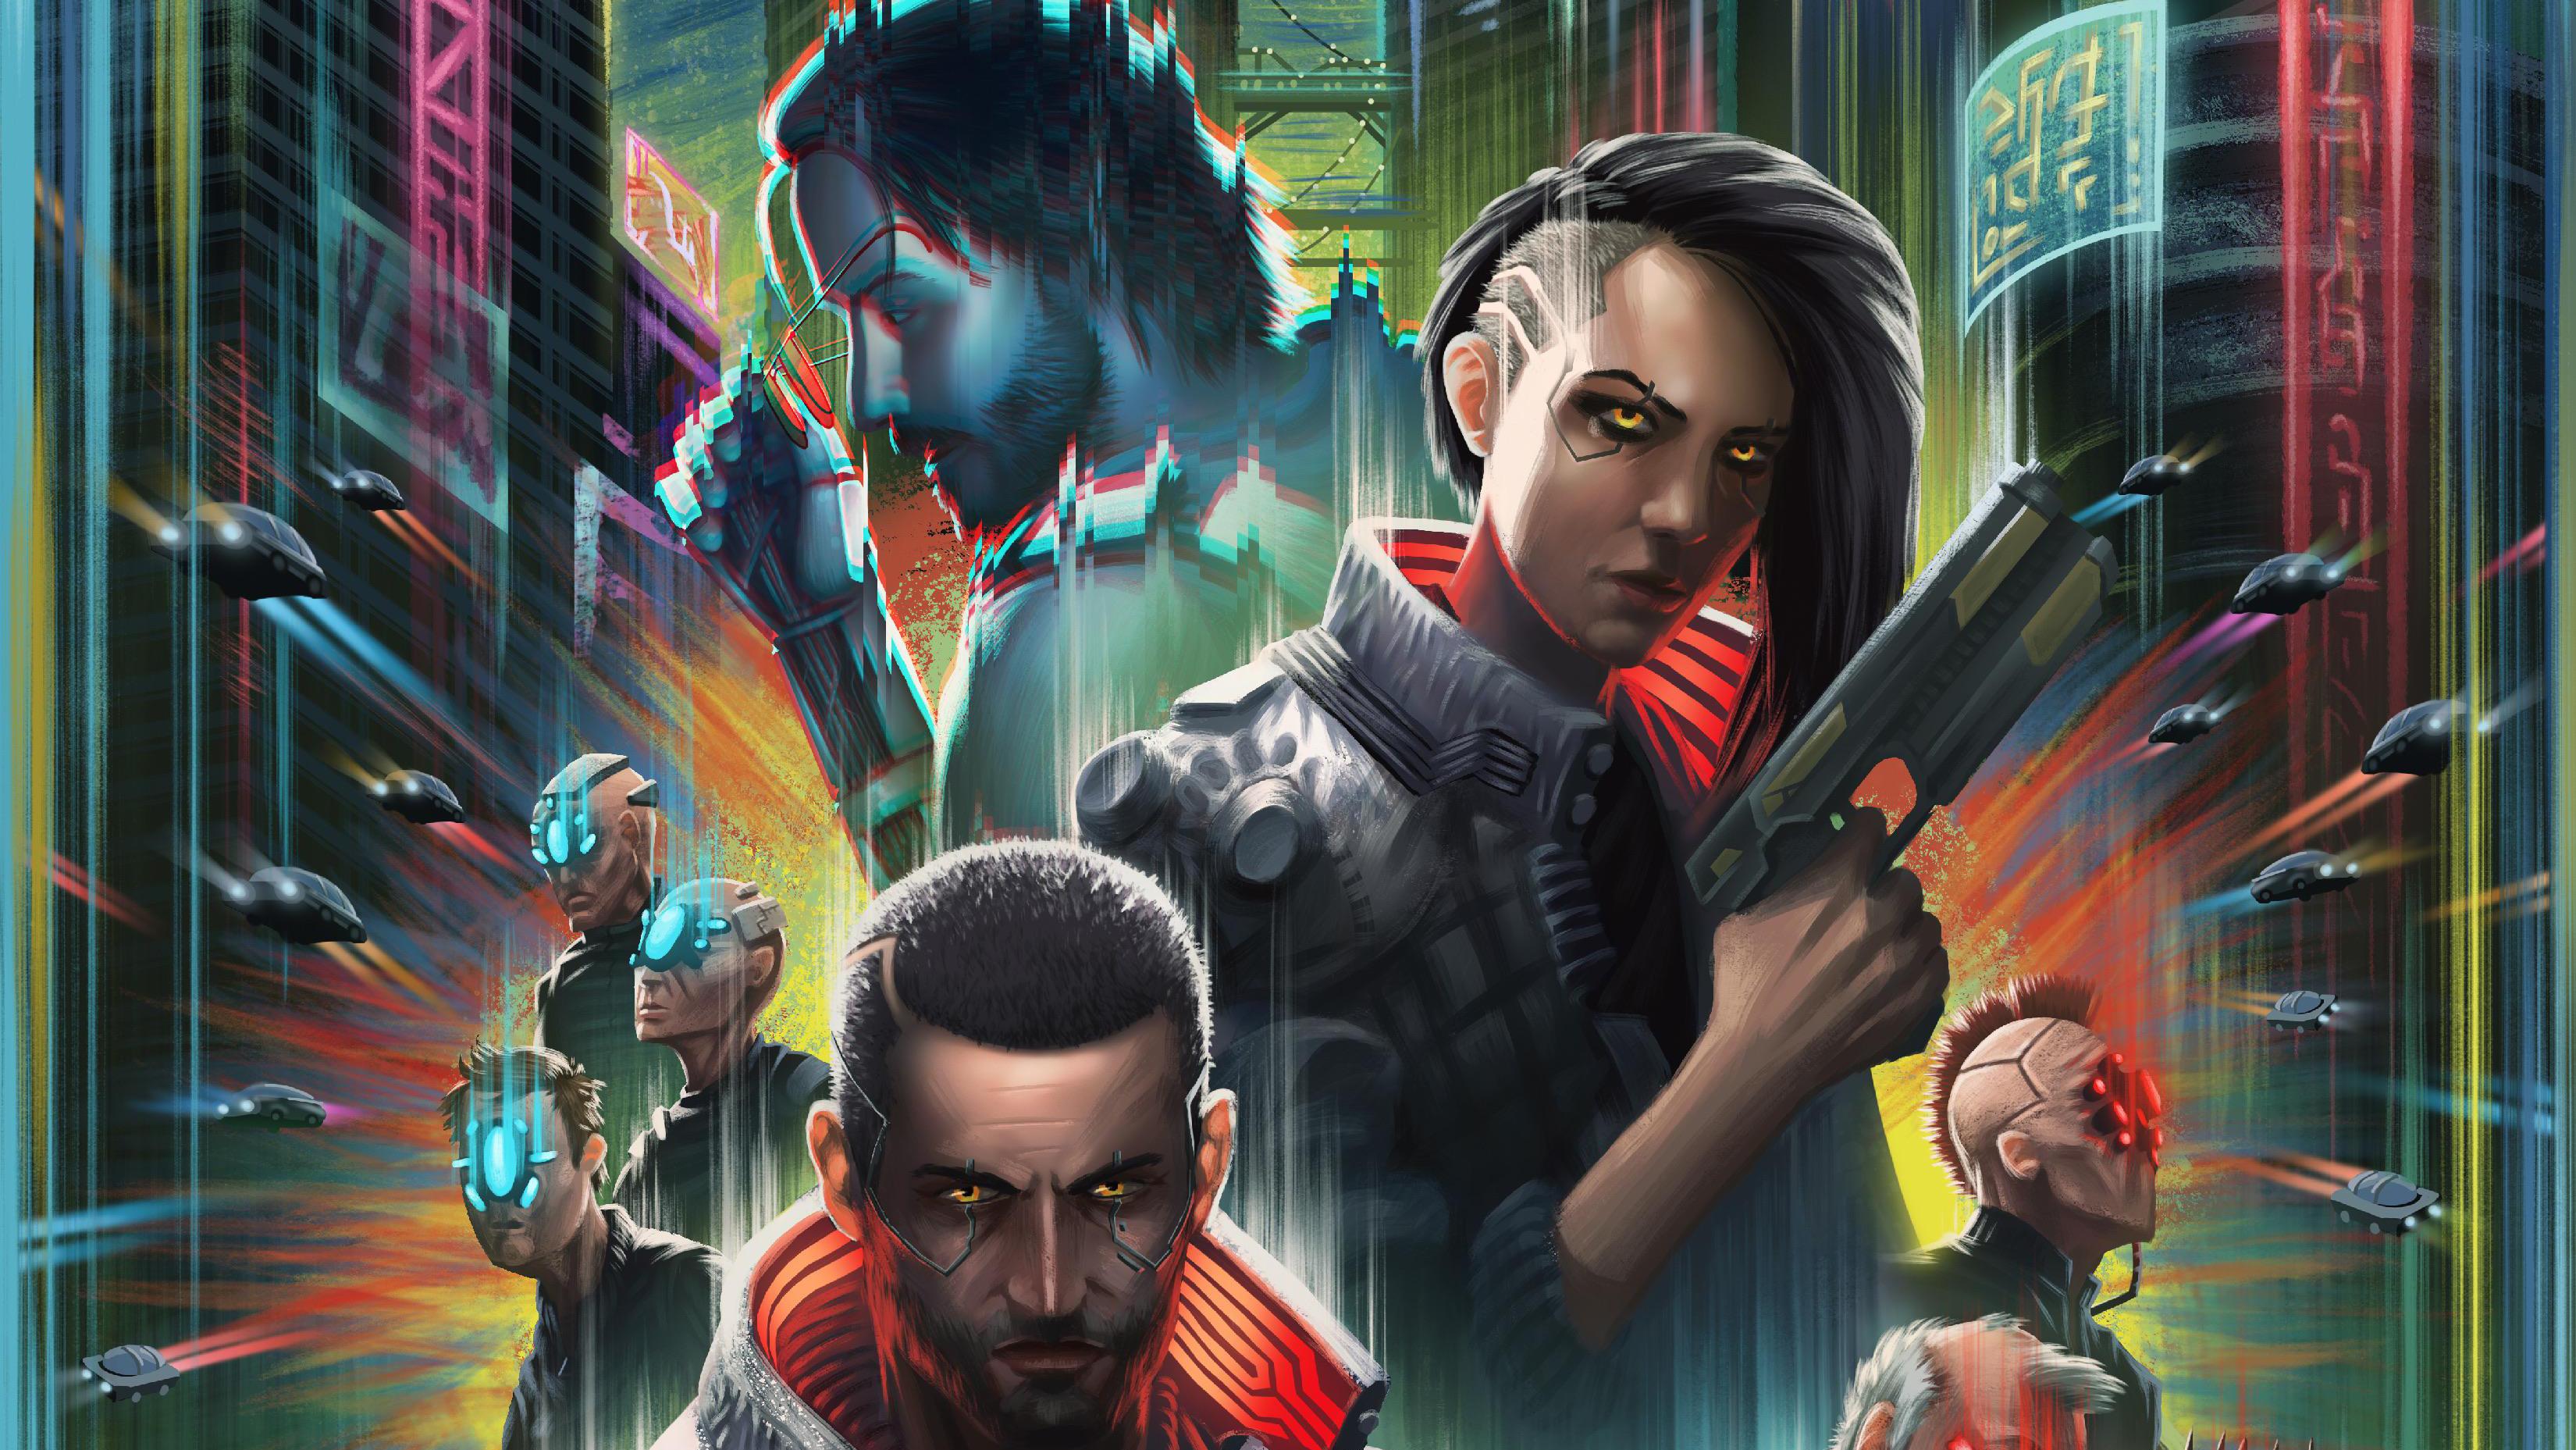 Cyberpunk 2077 New Art 4k, HD Games, 4k Wallpapers, Images ...